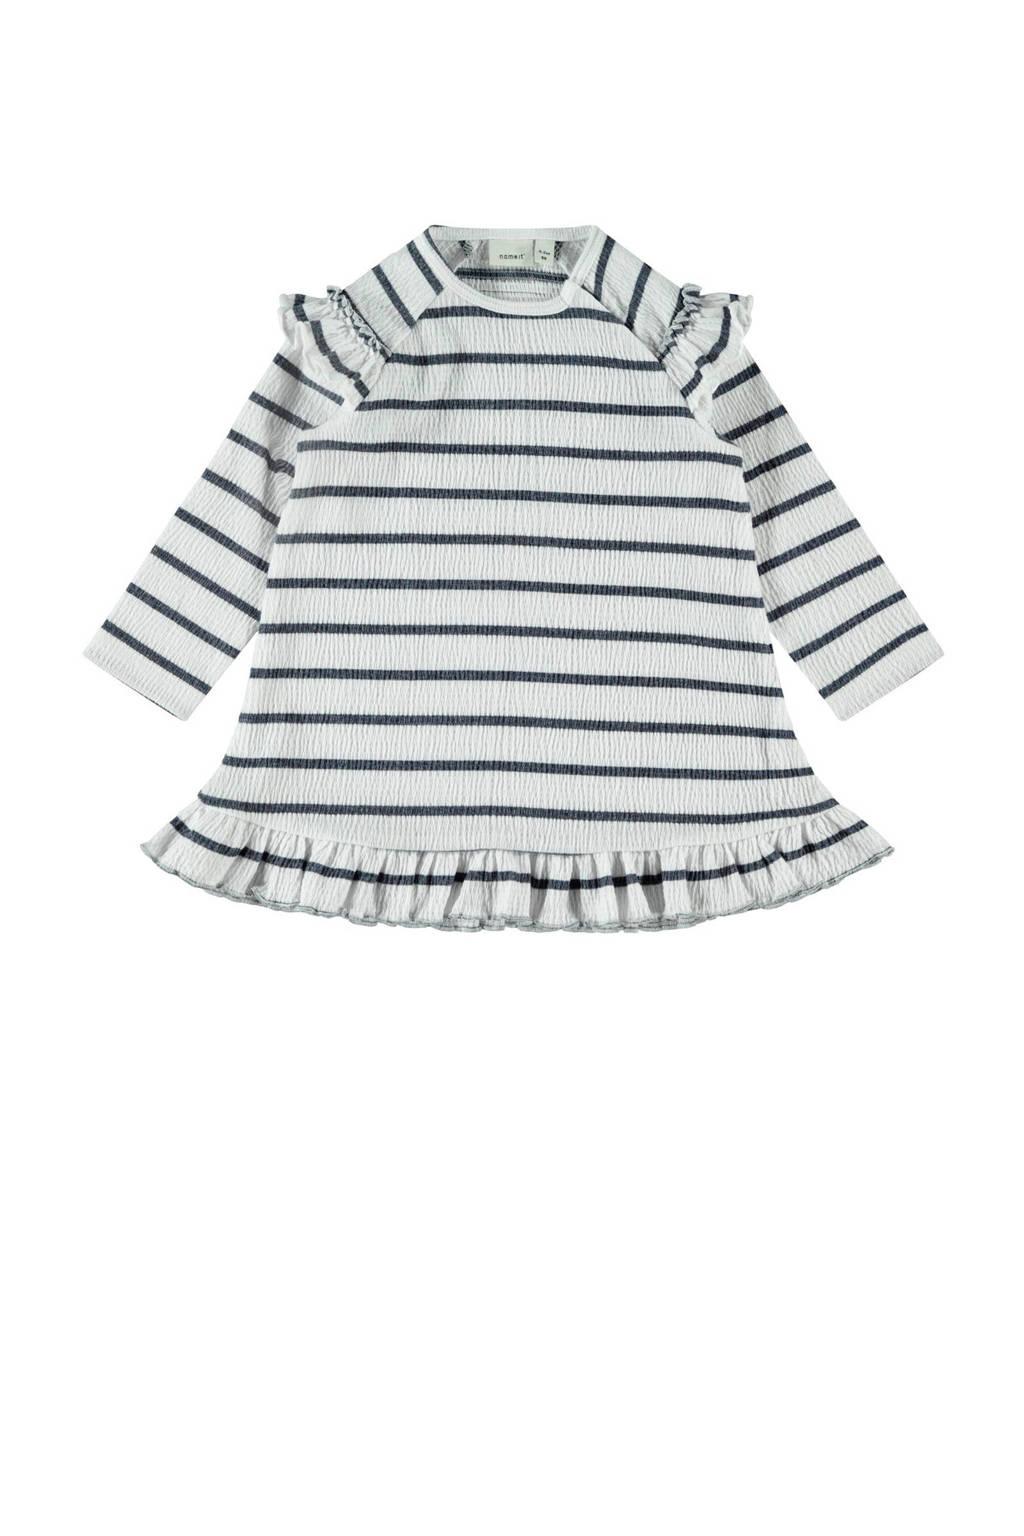 NAME IT BABY gestreepte jersey jurk Hollie met biologisch katoen wit/donkerblauw, Wit/donkerblauw